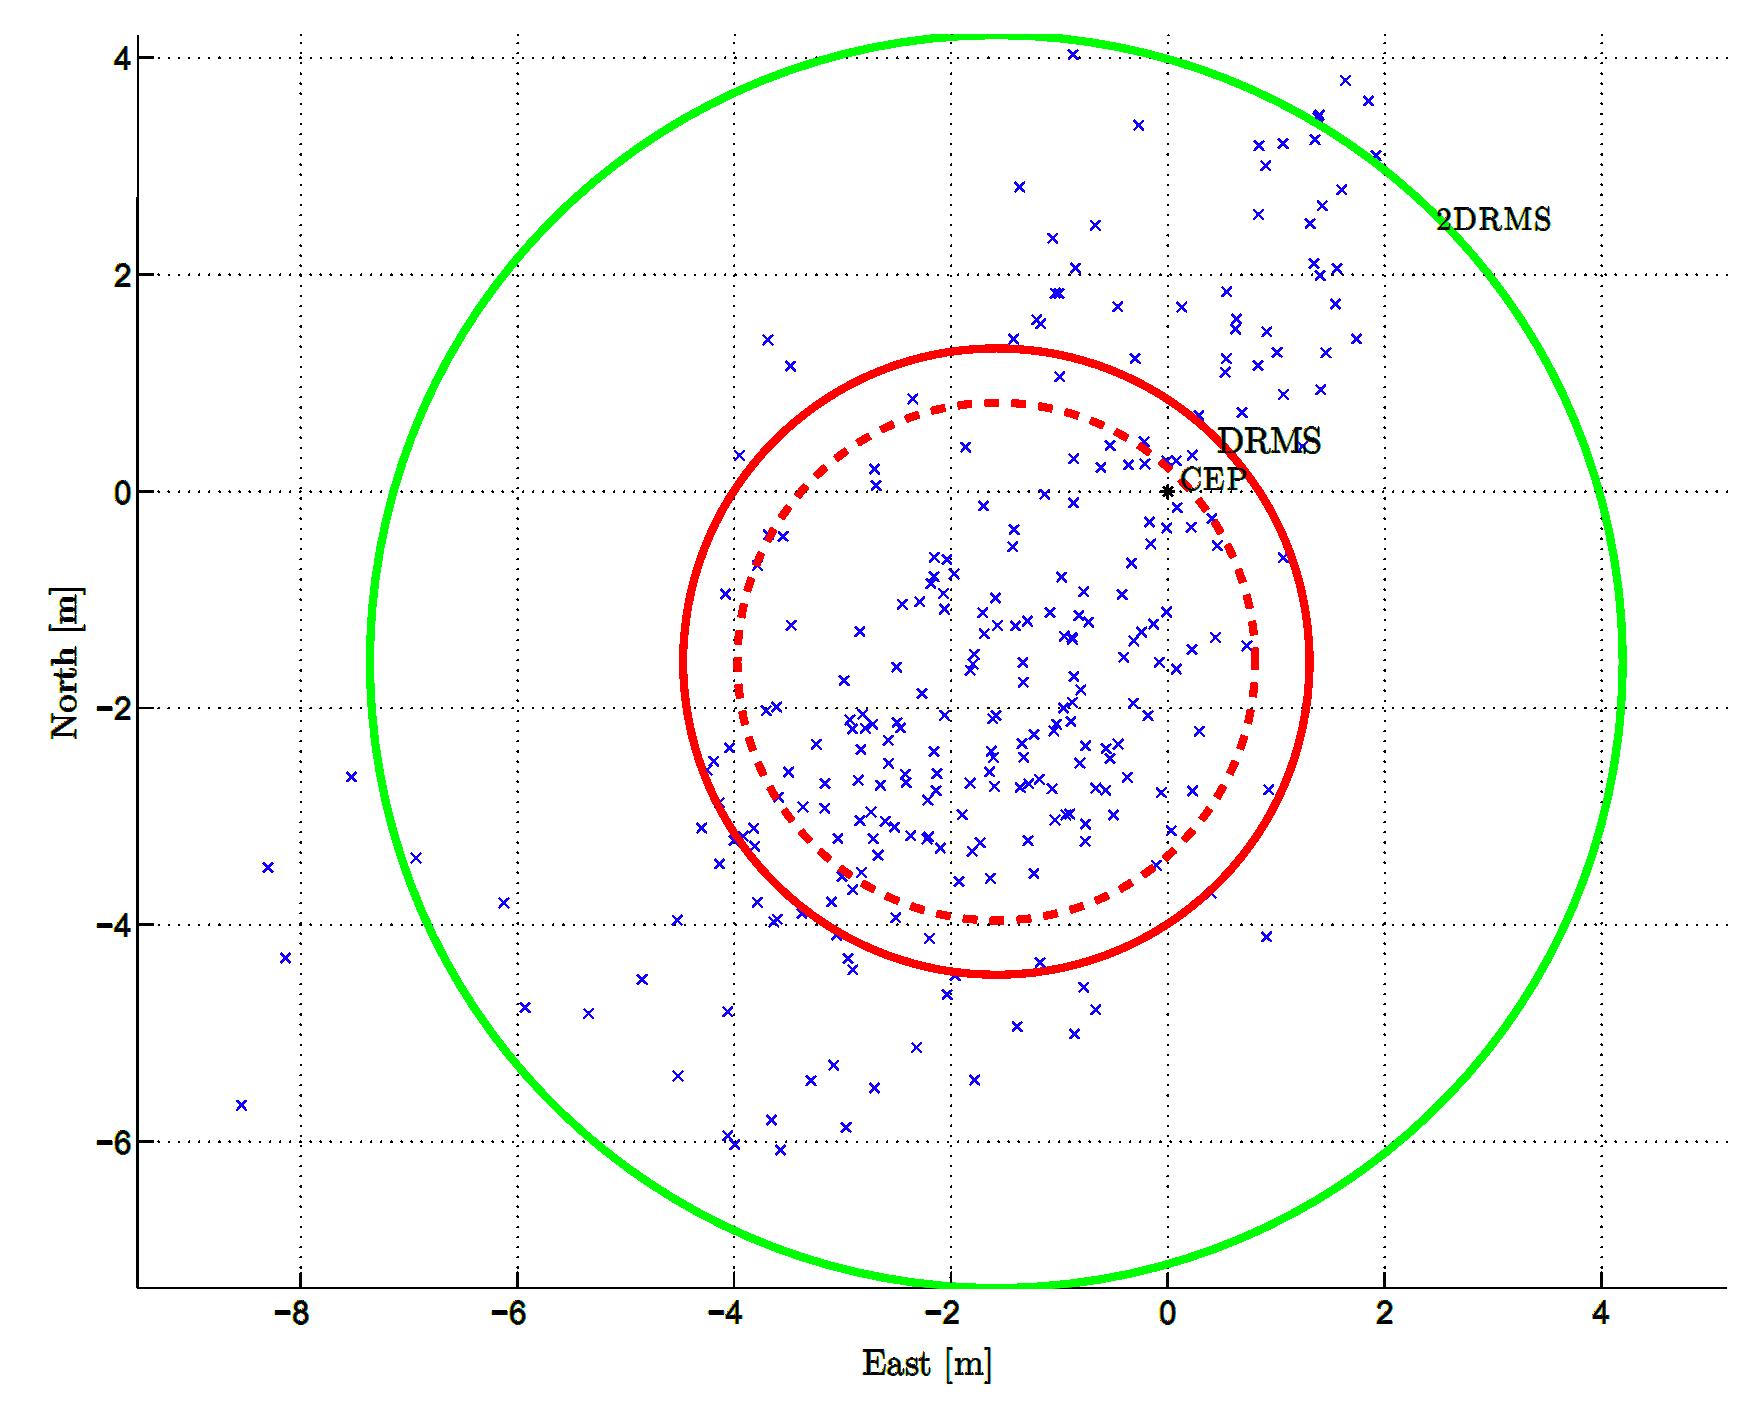 2D scatter plot